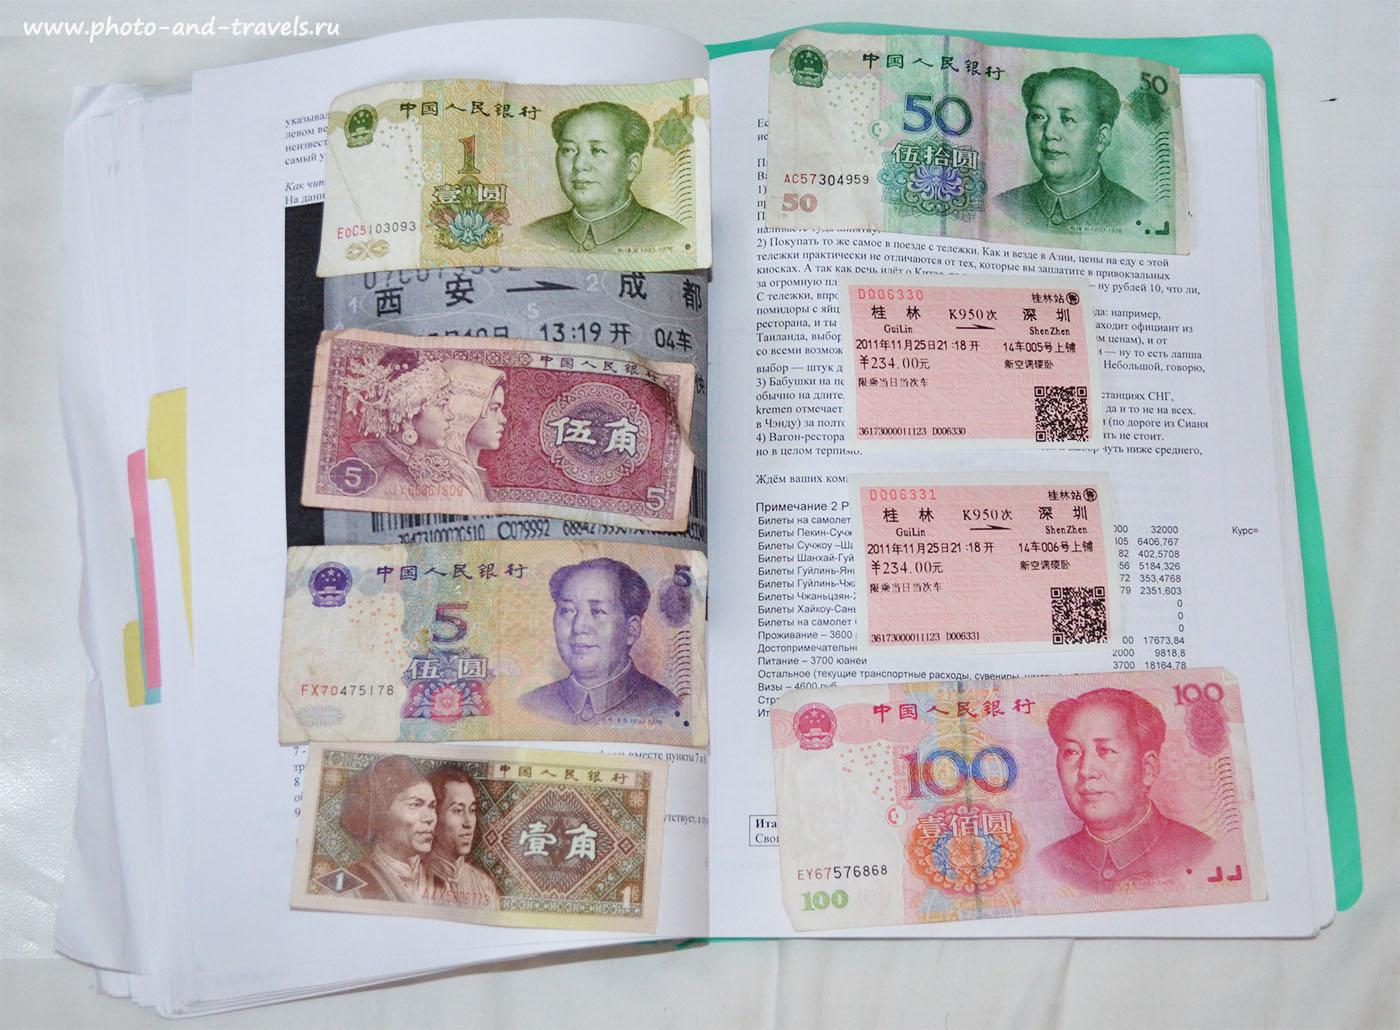 9. Вот такую папку формата А4 с китайско-русским разговорником, названиями всех точек нашего маршрута на китайском языке, подробным описанием того, как добираться и другой информацией мы брали с собой в поездку в Китай